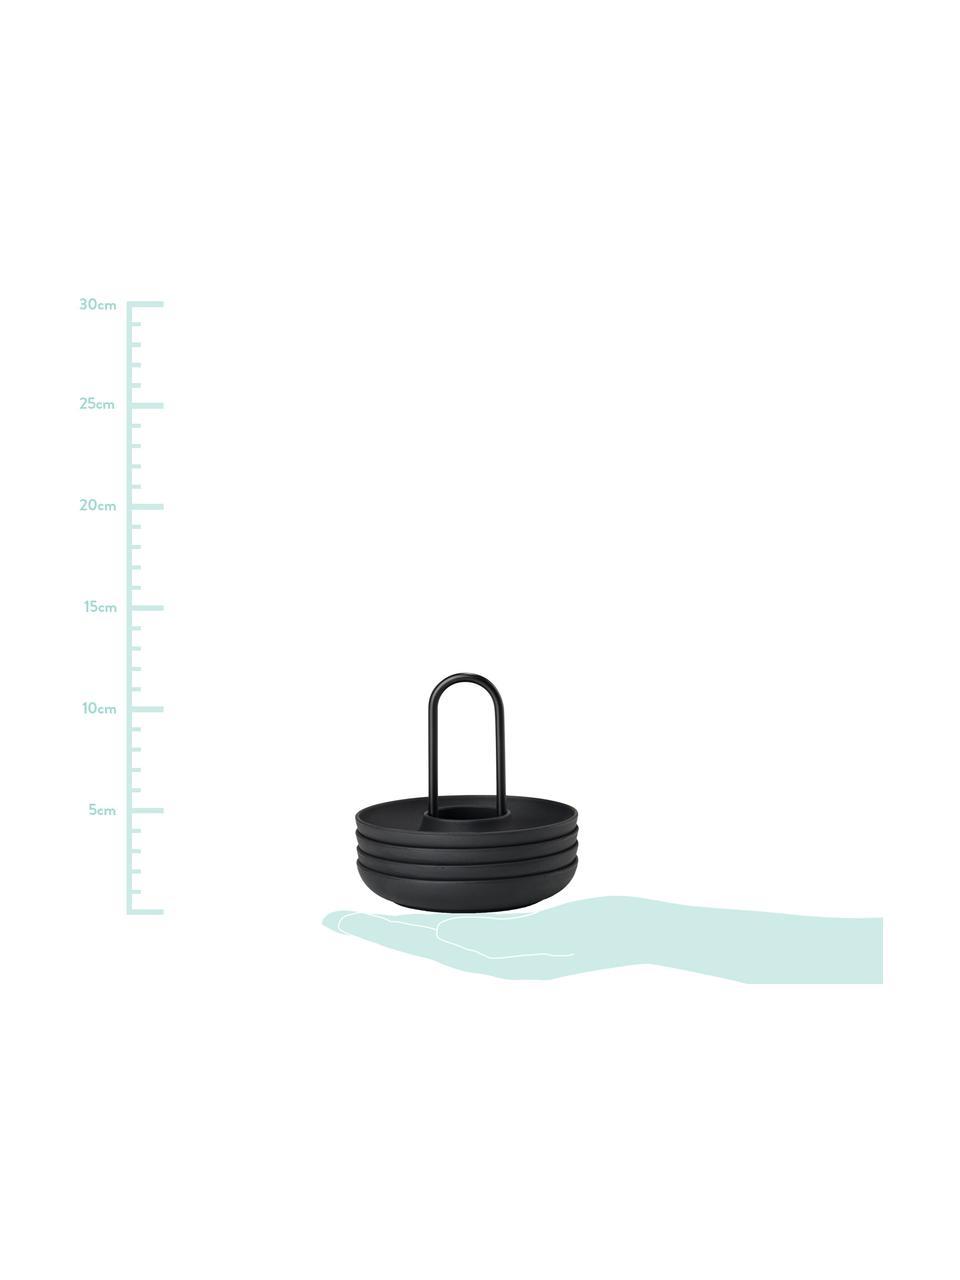 Eierbecher Henk, 4 Stück, Silikon, Metall, beschichtet, Schwarz, Ø 11 cm